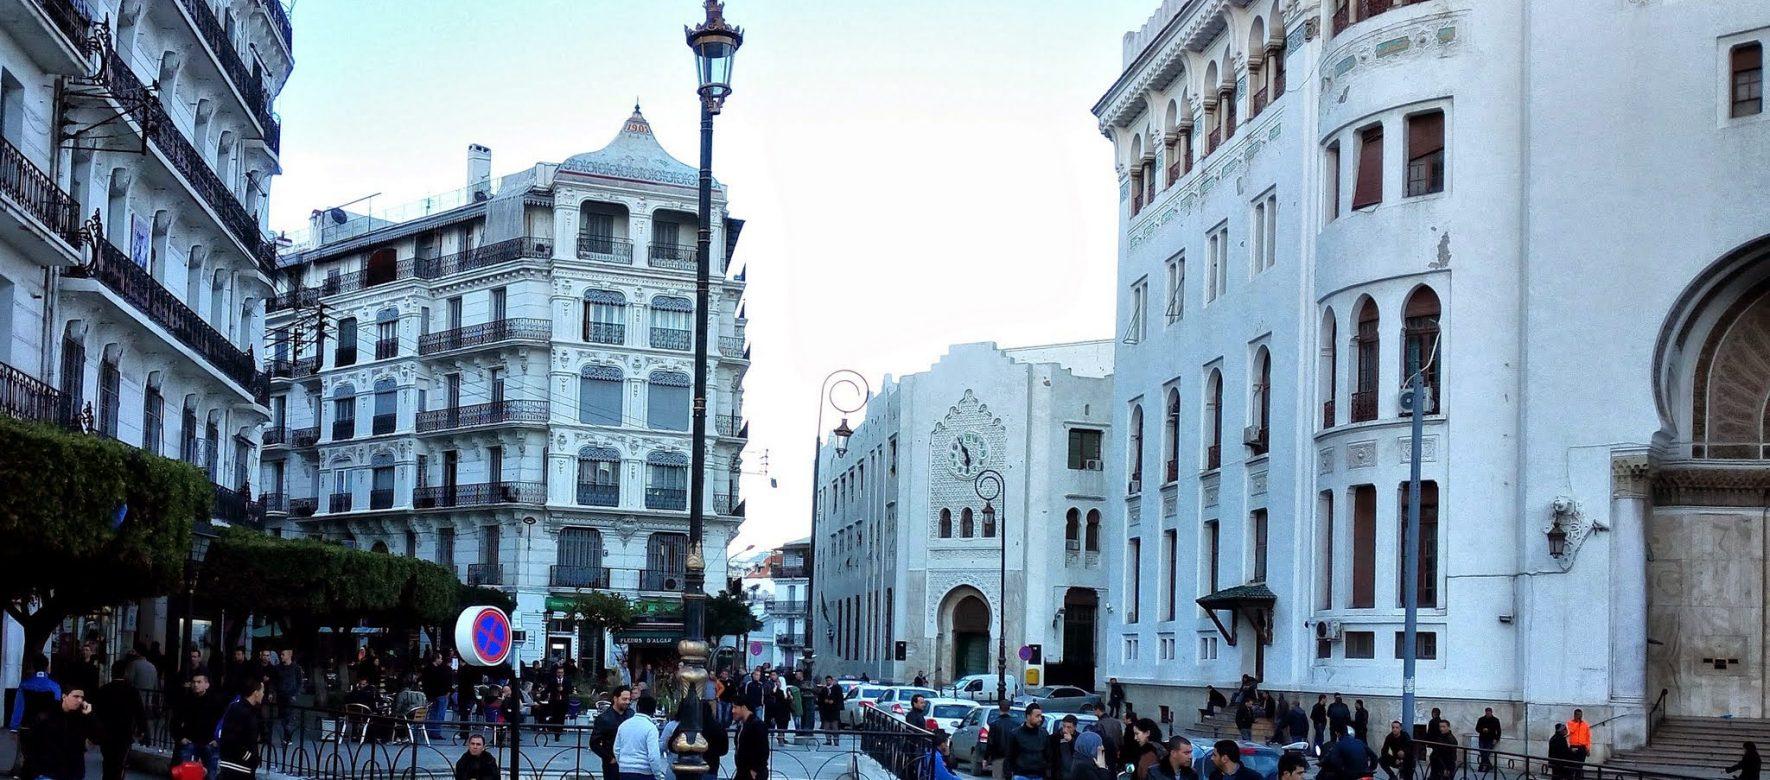 L'Algérie va lancer de nouvelles mesures d'exonération fiscale en faveur des travailleurs à faible revenu